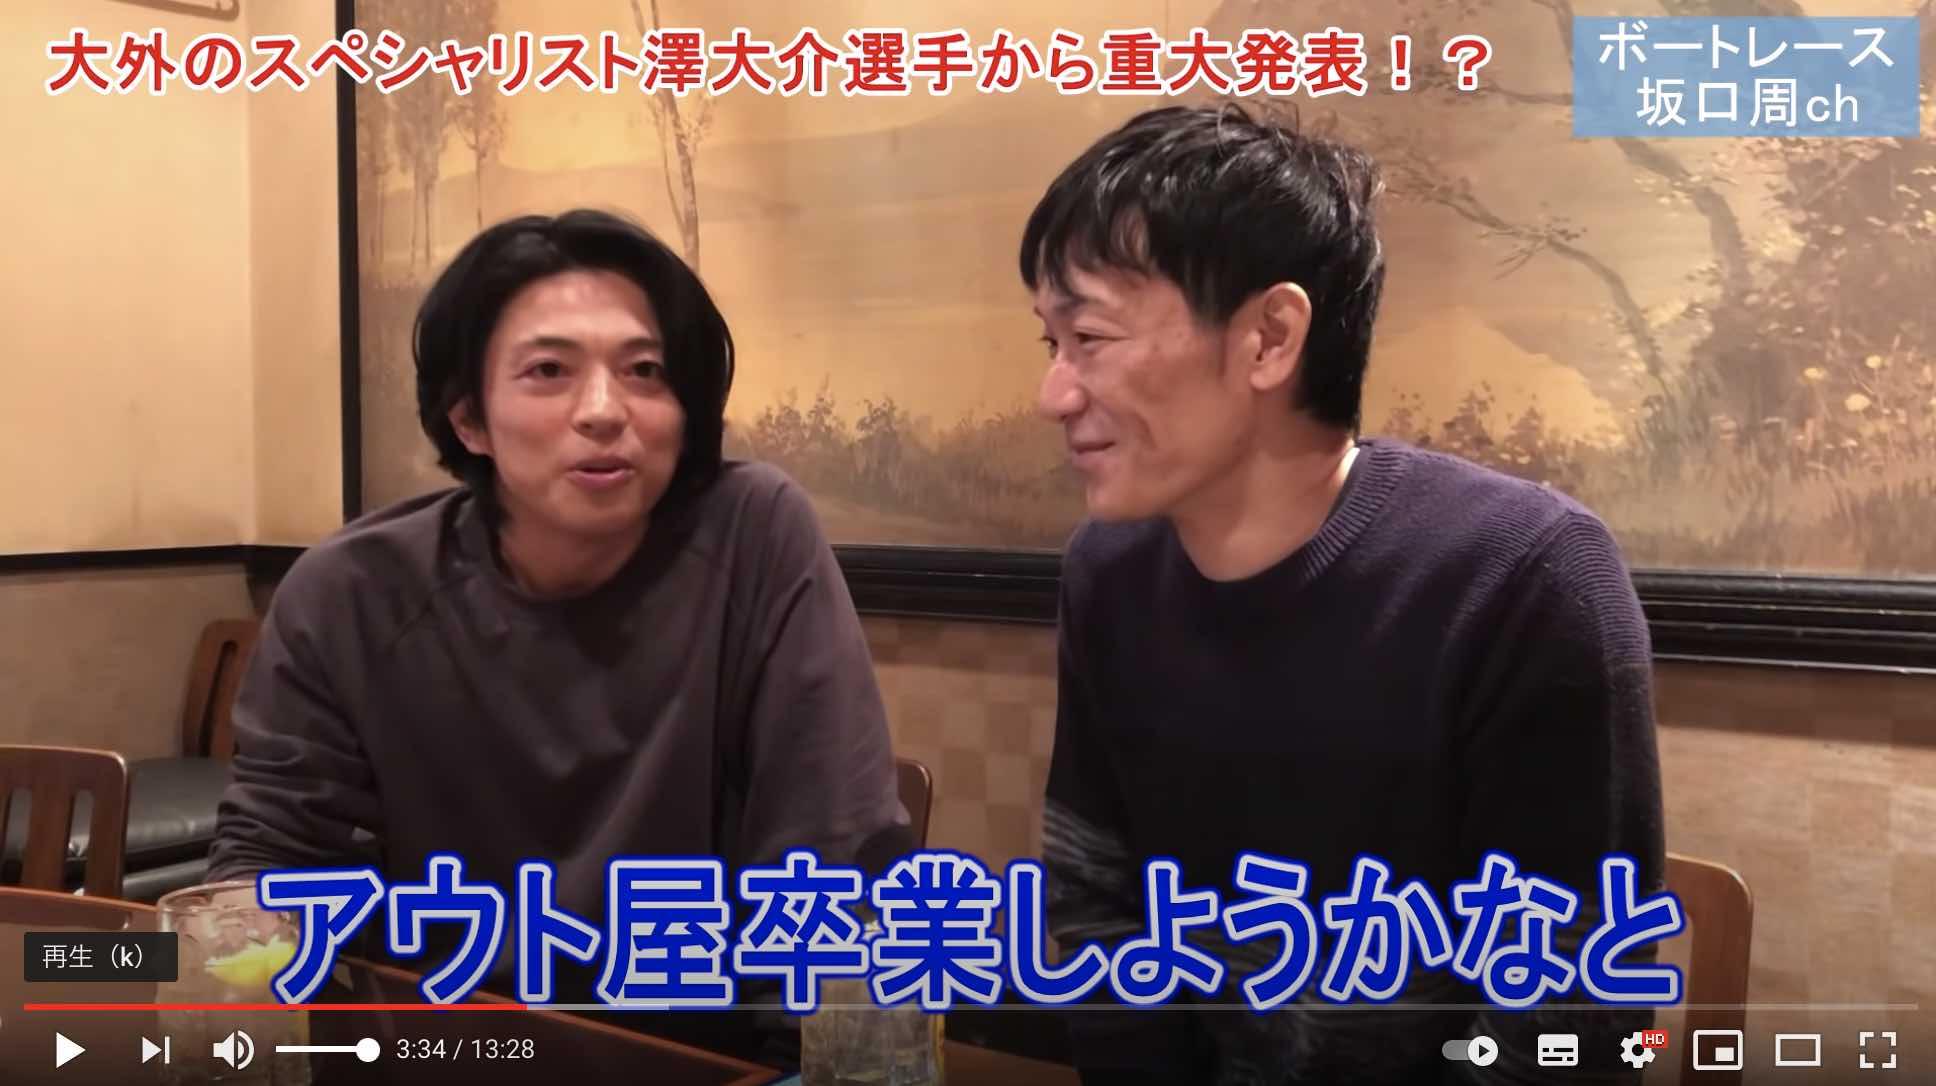 YouTubeの坂口周チャンネルにて澤大介のアウト屋引退発表が!